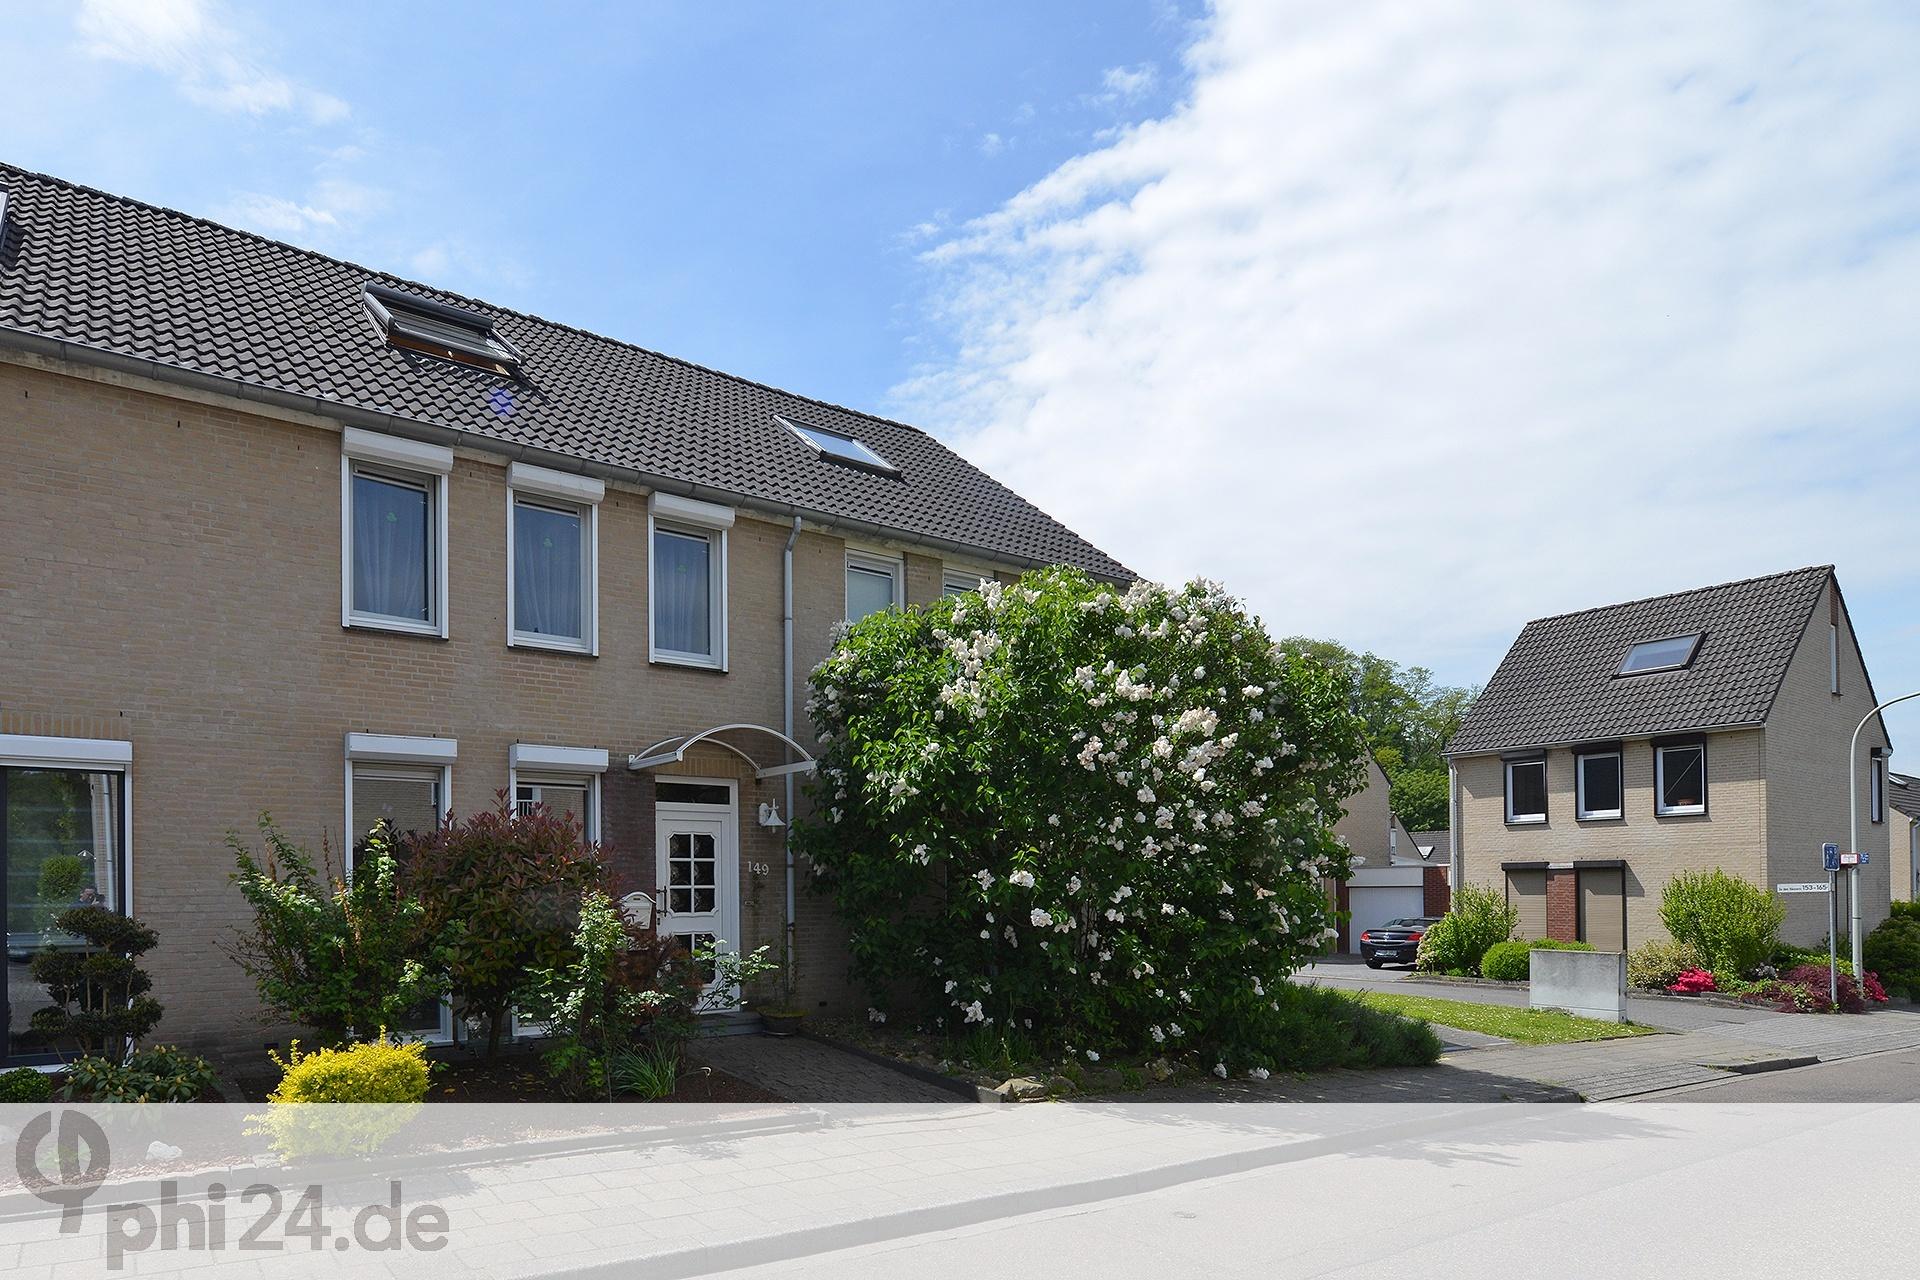 Immobilienmakler Herzogenrath Haus referenzen mit Immobilienbewertung